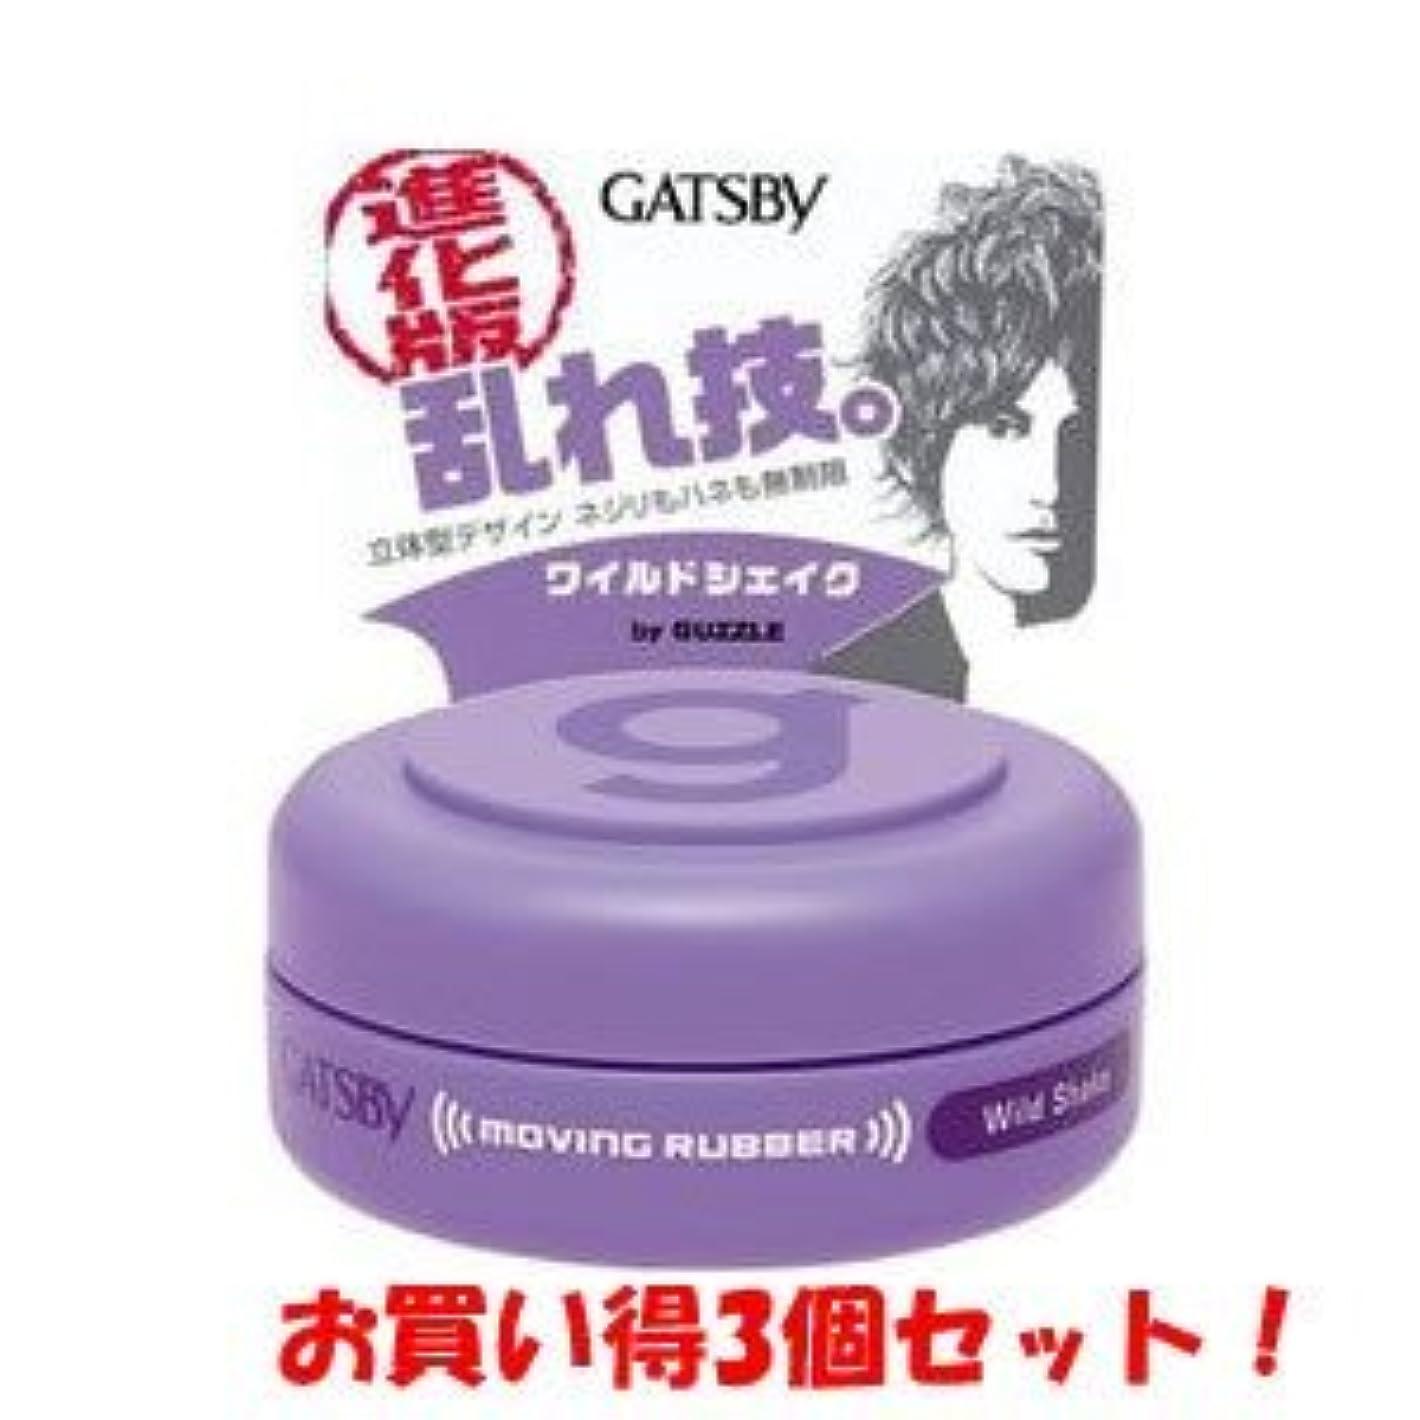 ホストスローガンめまいギャツビー【GATSBY】ムービングラバー ワイルドシェイクモバイル 15g(お買い得3個セット)